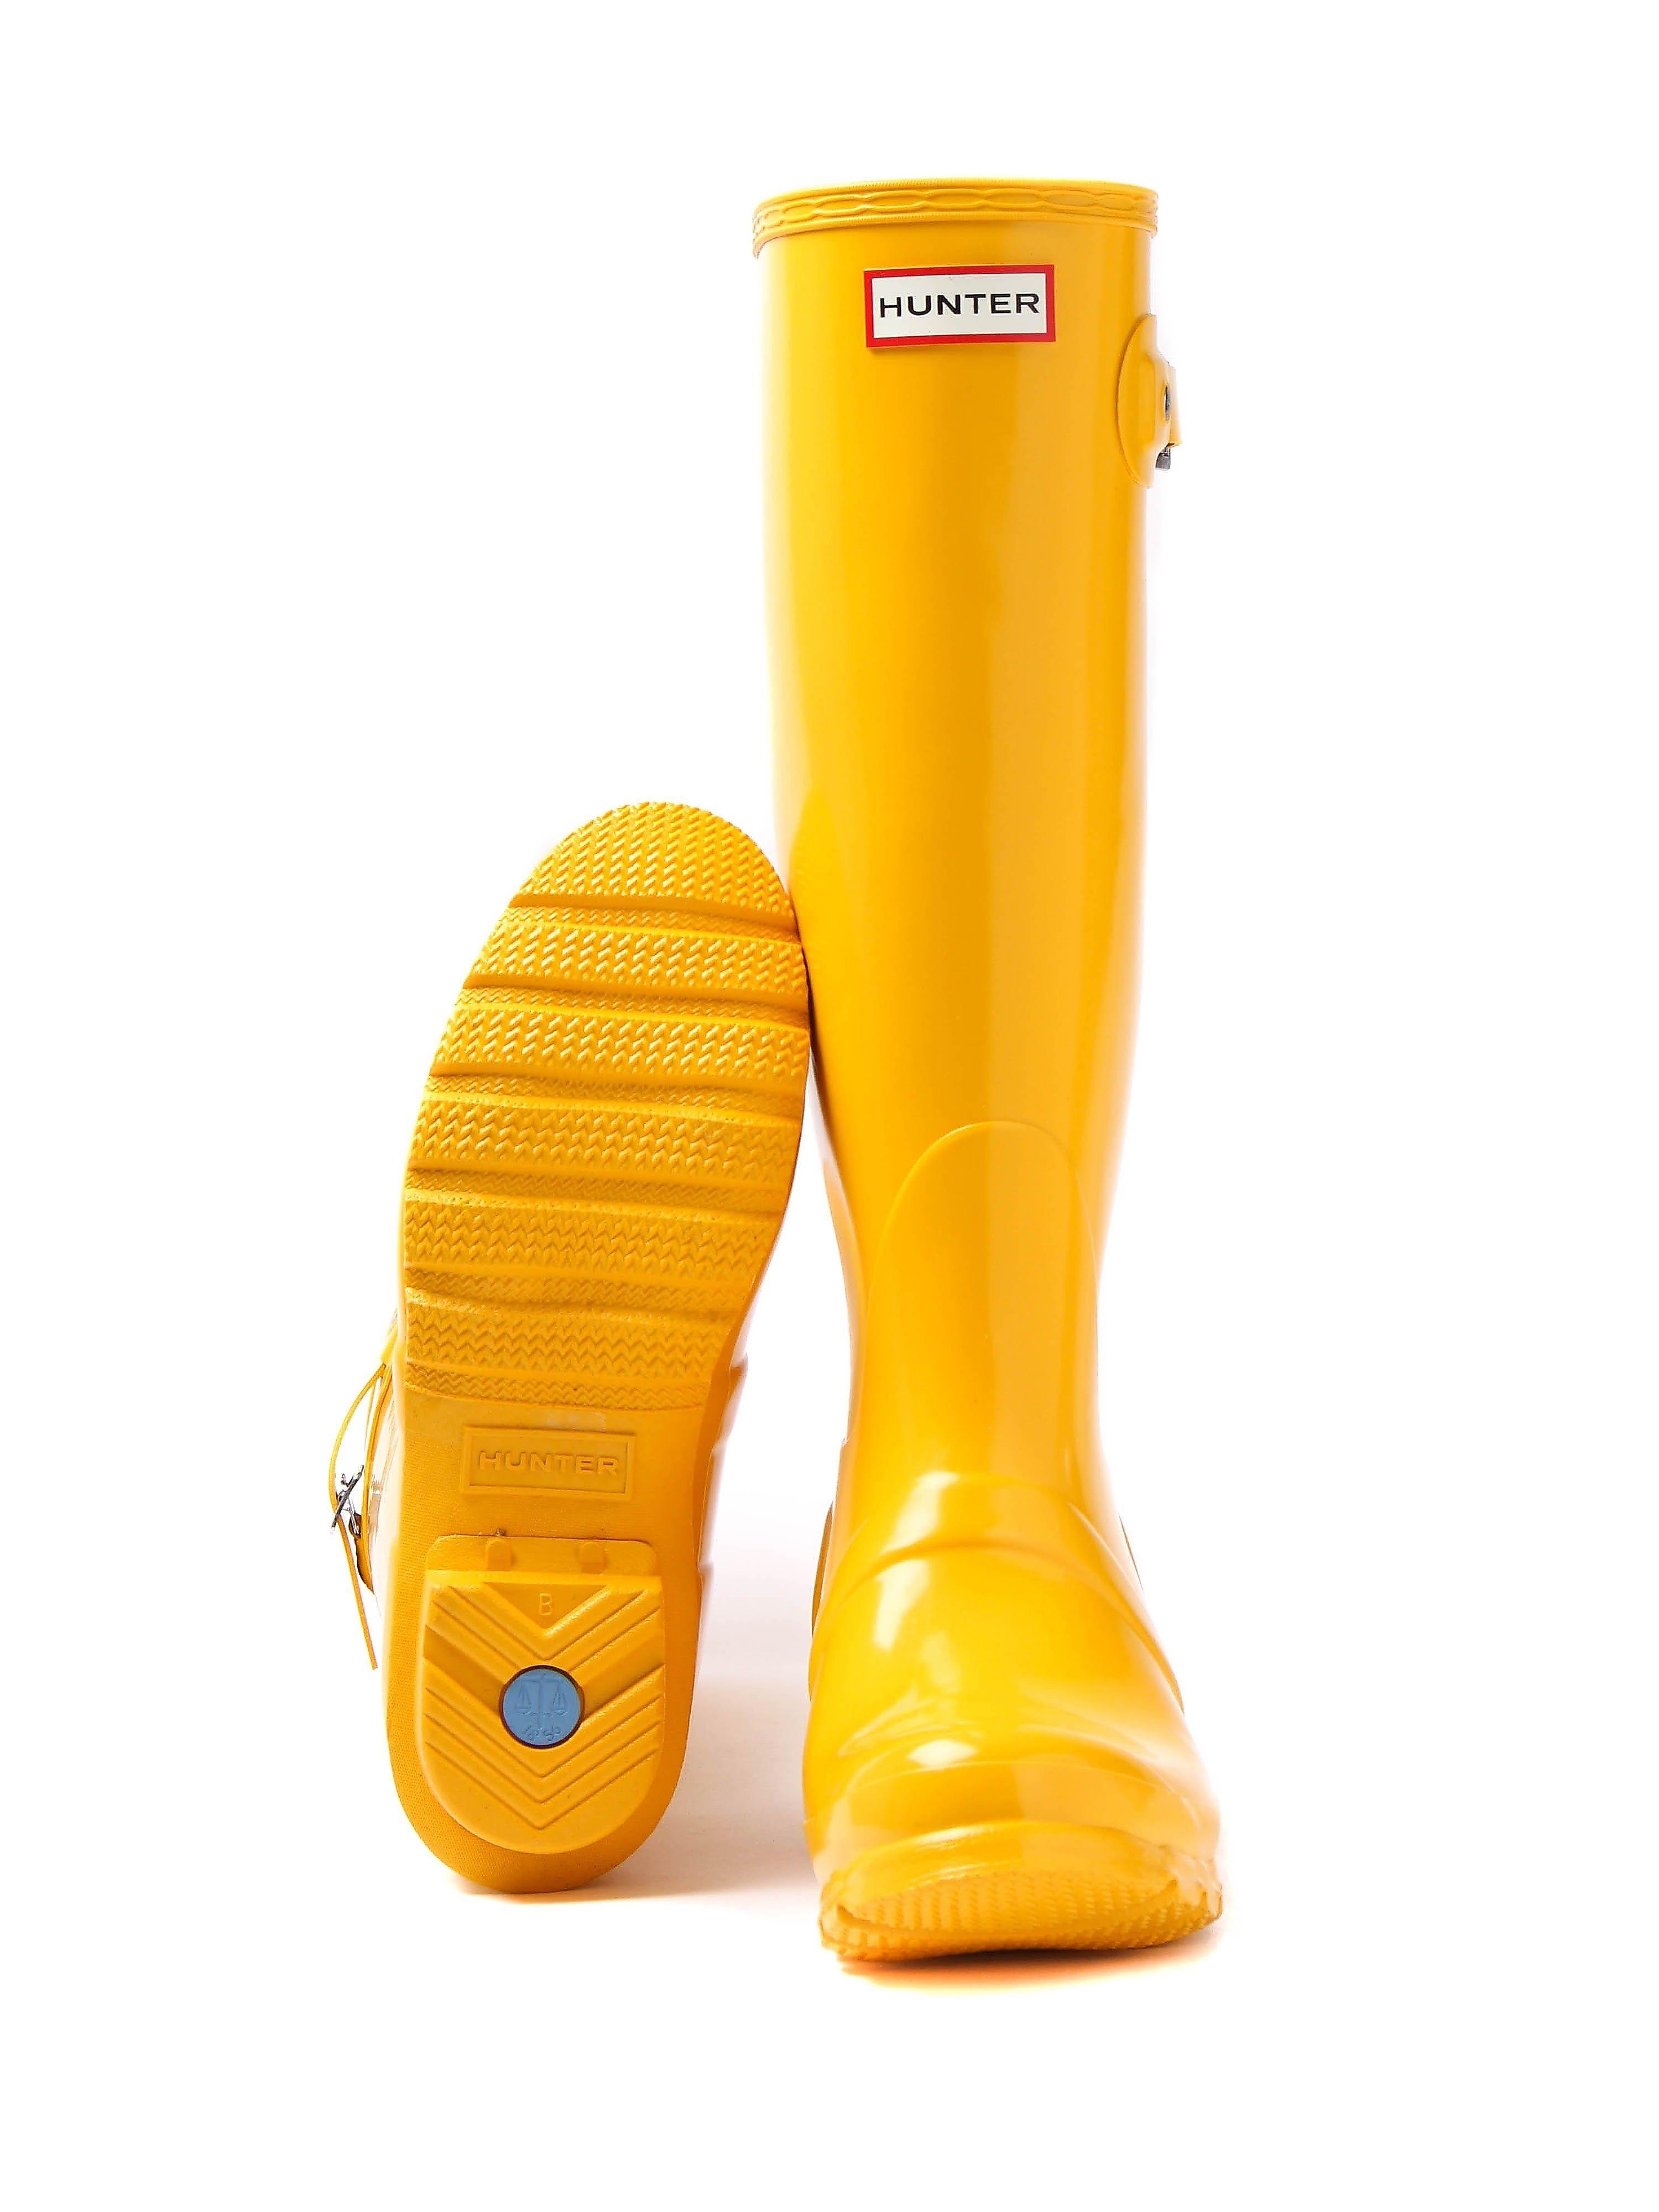 Hunter Wellies Women's Original Tall Wellington Boots - Yellow Gloss